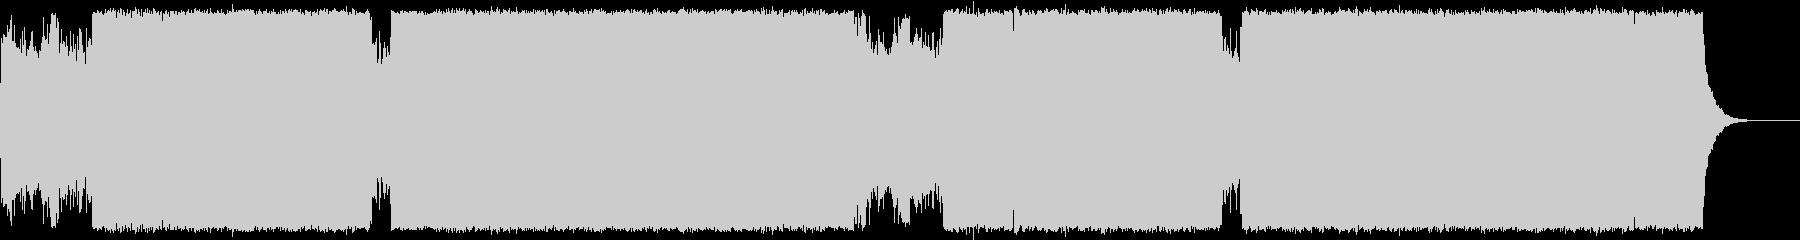 ゲーム/バトル/オーケストラの未再生の波形